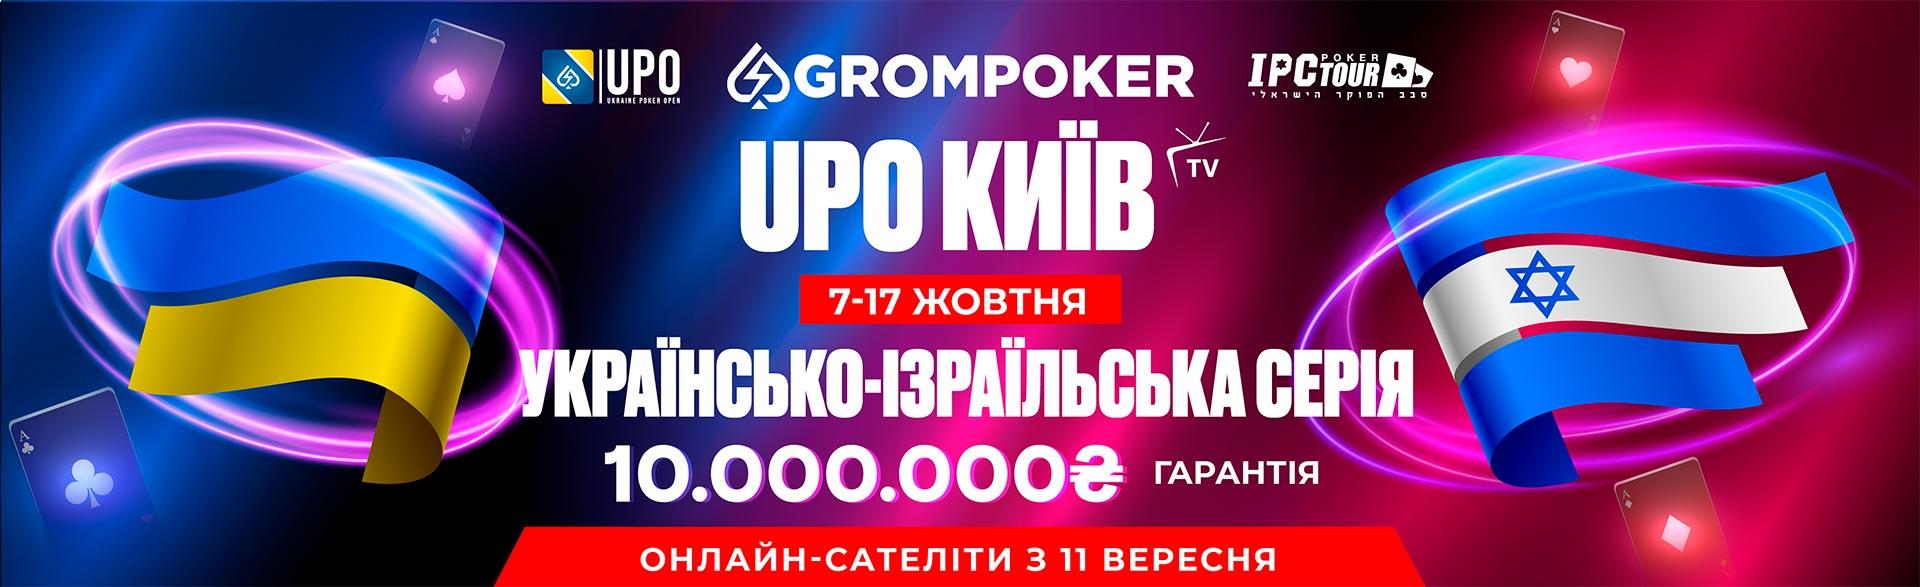 Grompoker UPO & IPC Київ